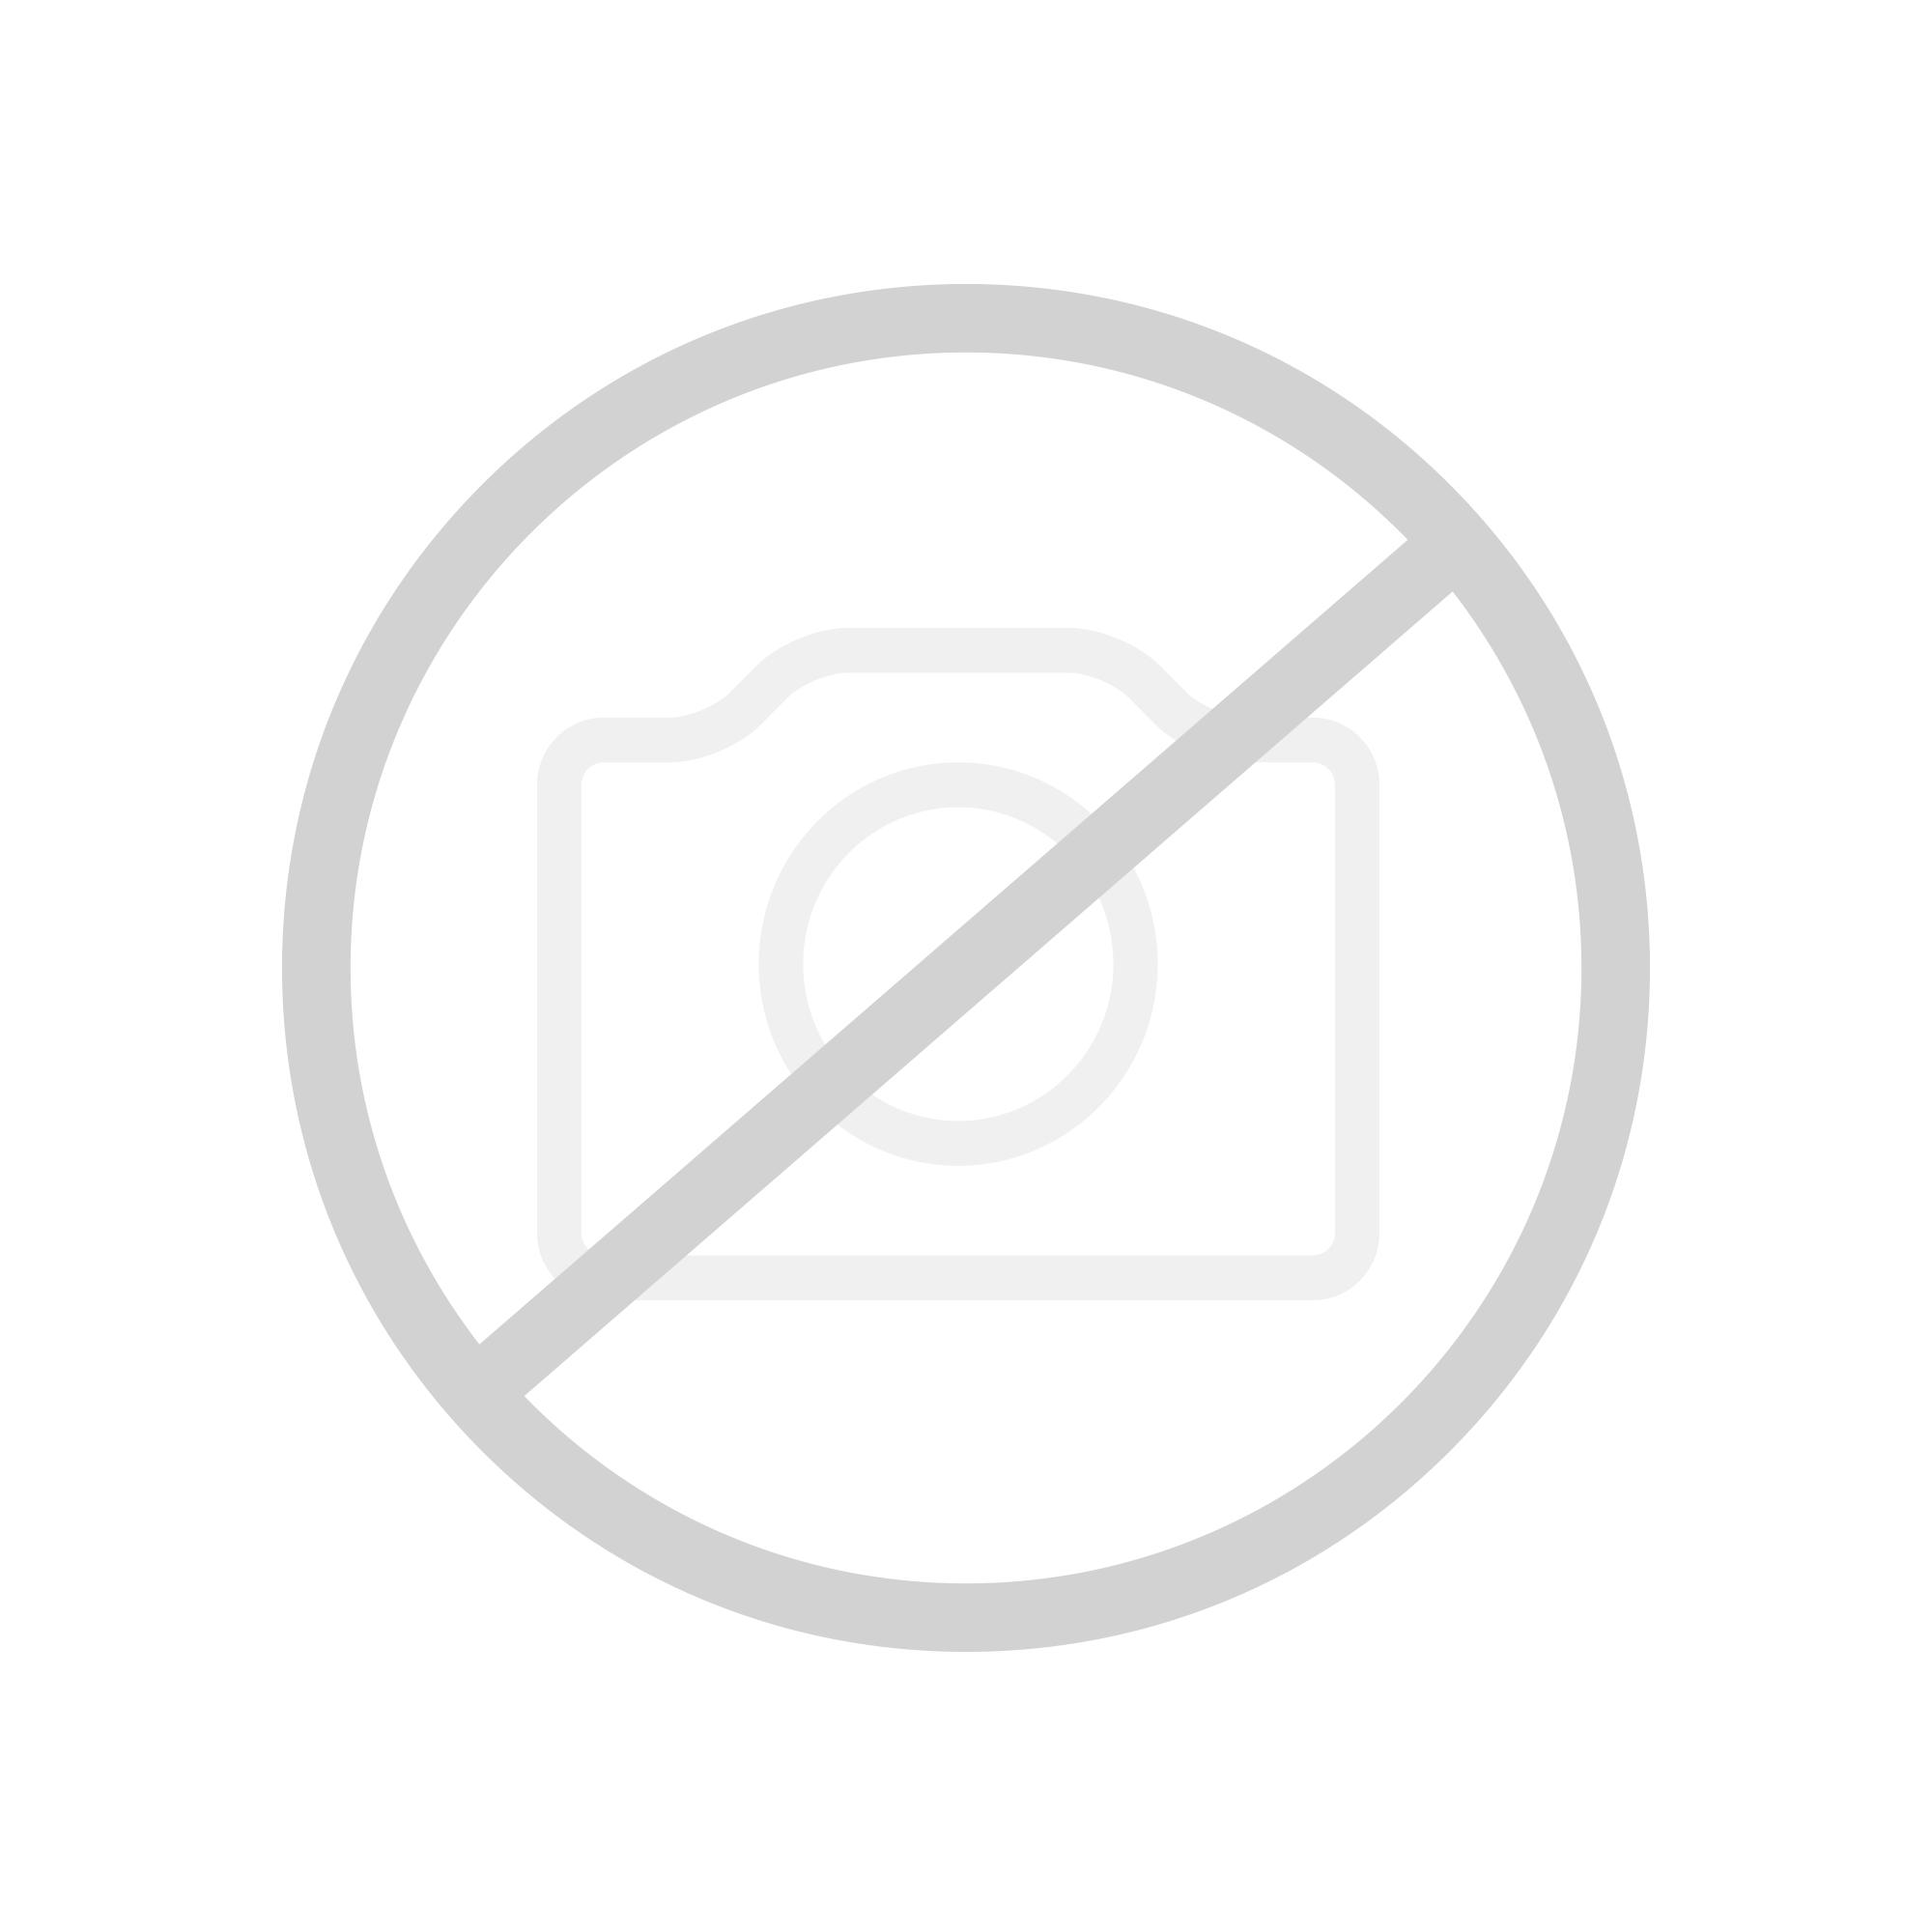 Dornbracht Tara.logic Waschtisch-Wand-Einhandbatterie mit Einpunktbefestigung chrom